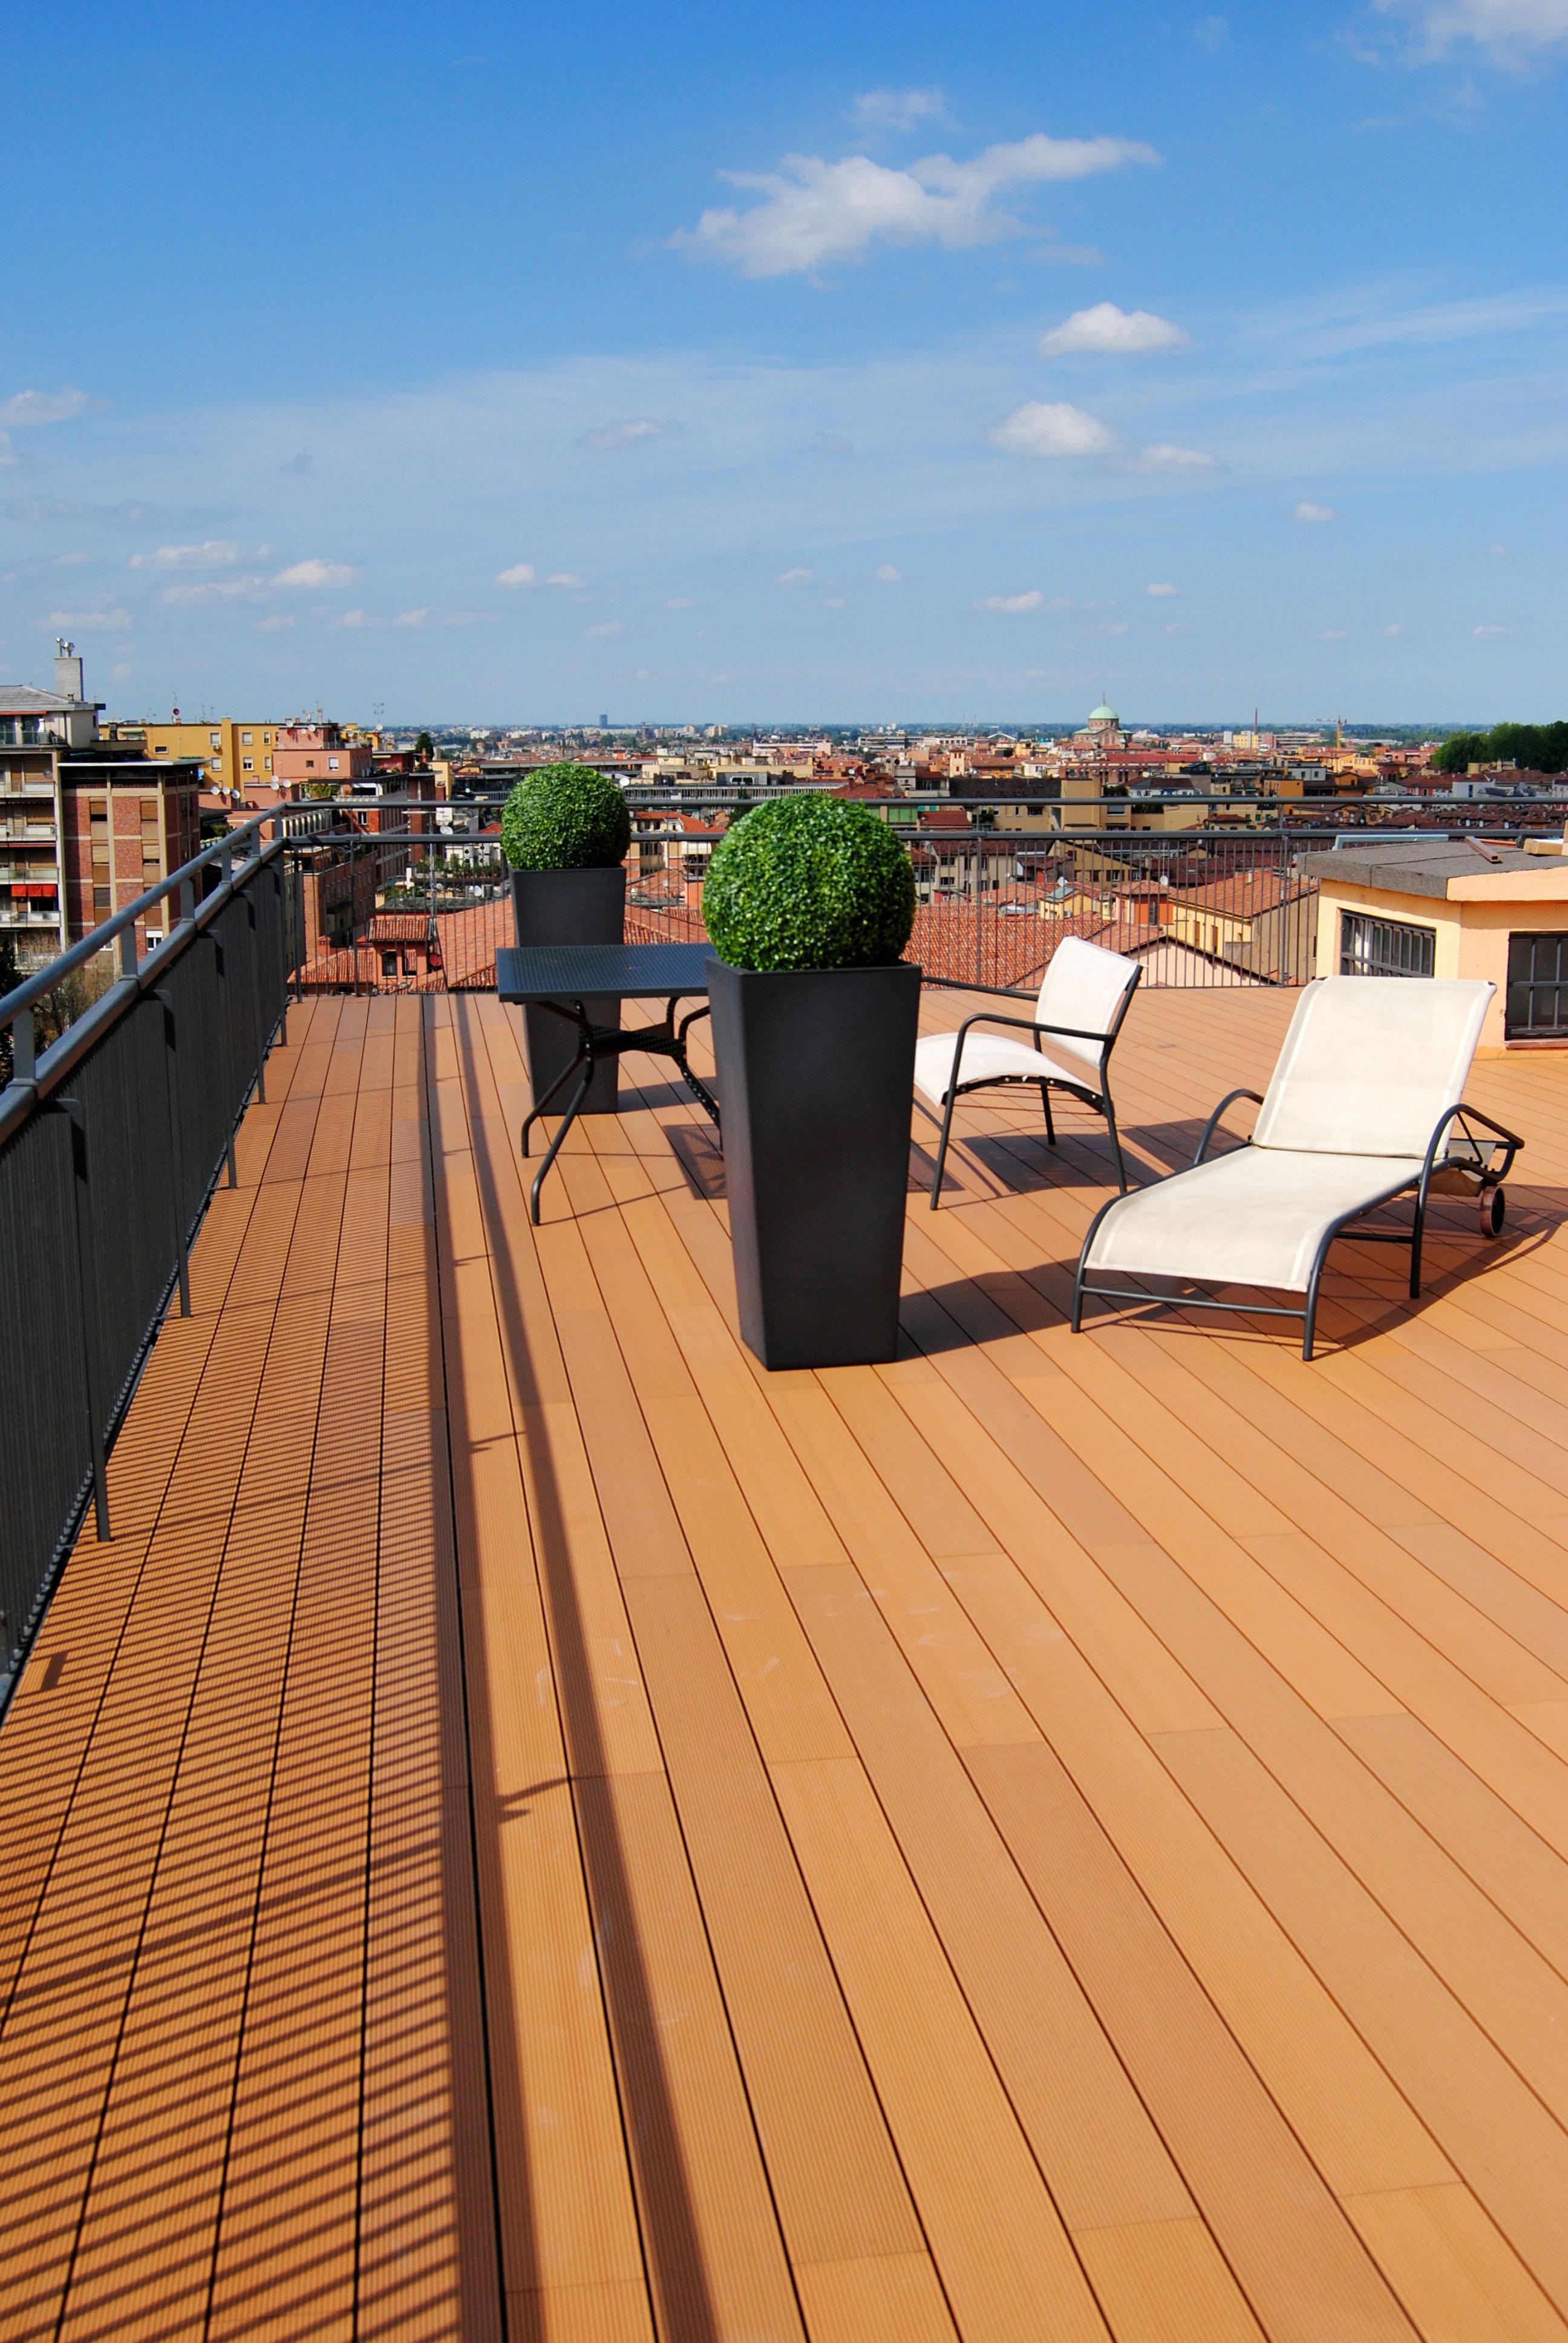 Novowood legno composito per pavimenti esterni piscina - Legno composito per esterni ...